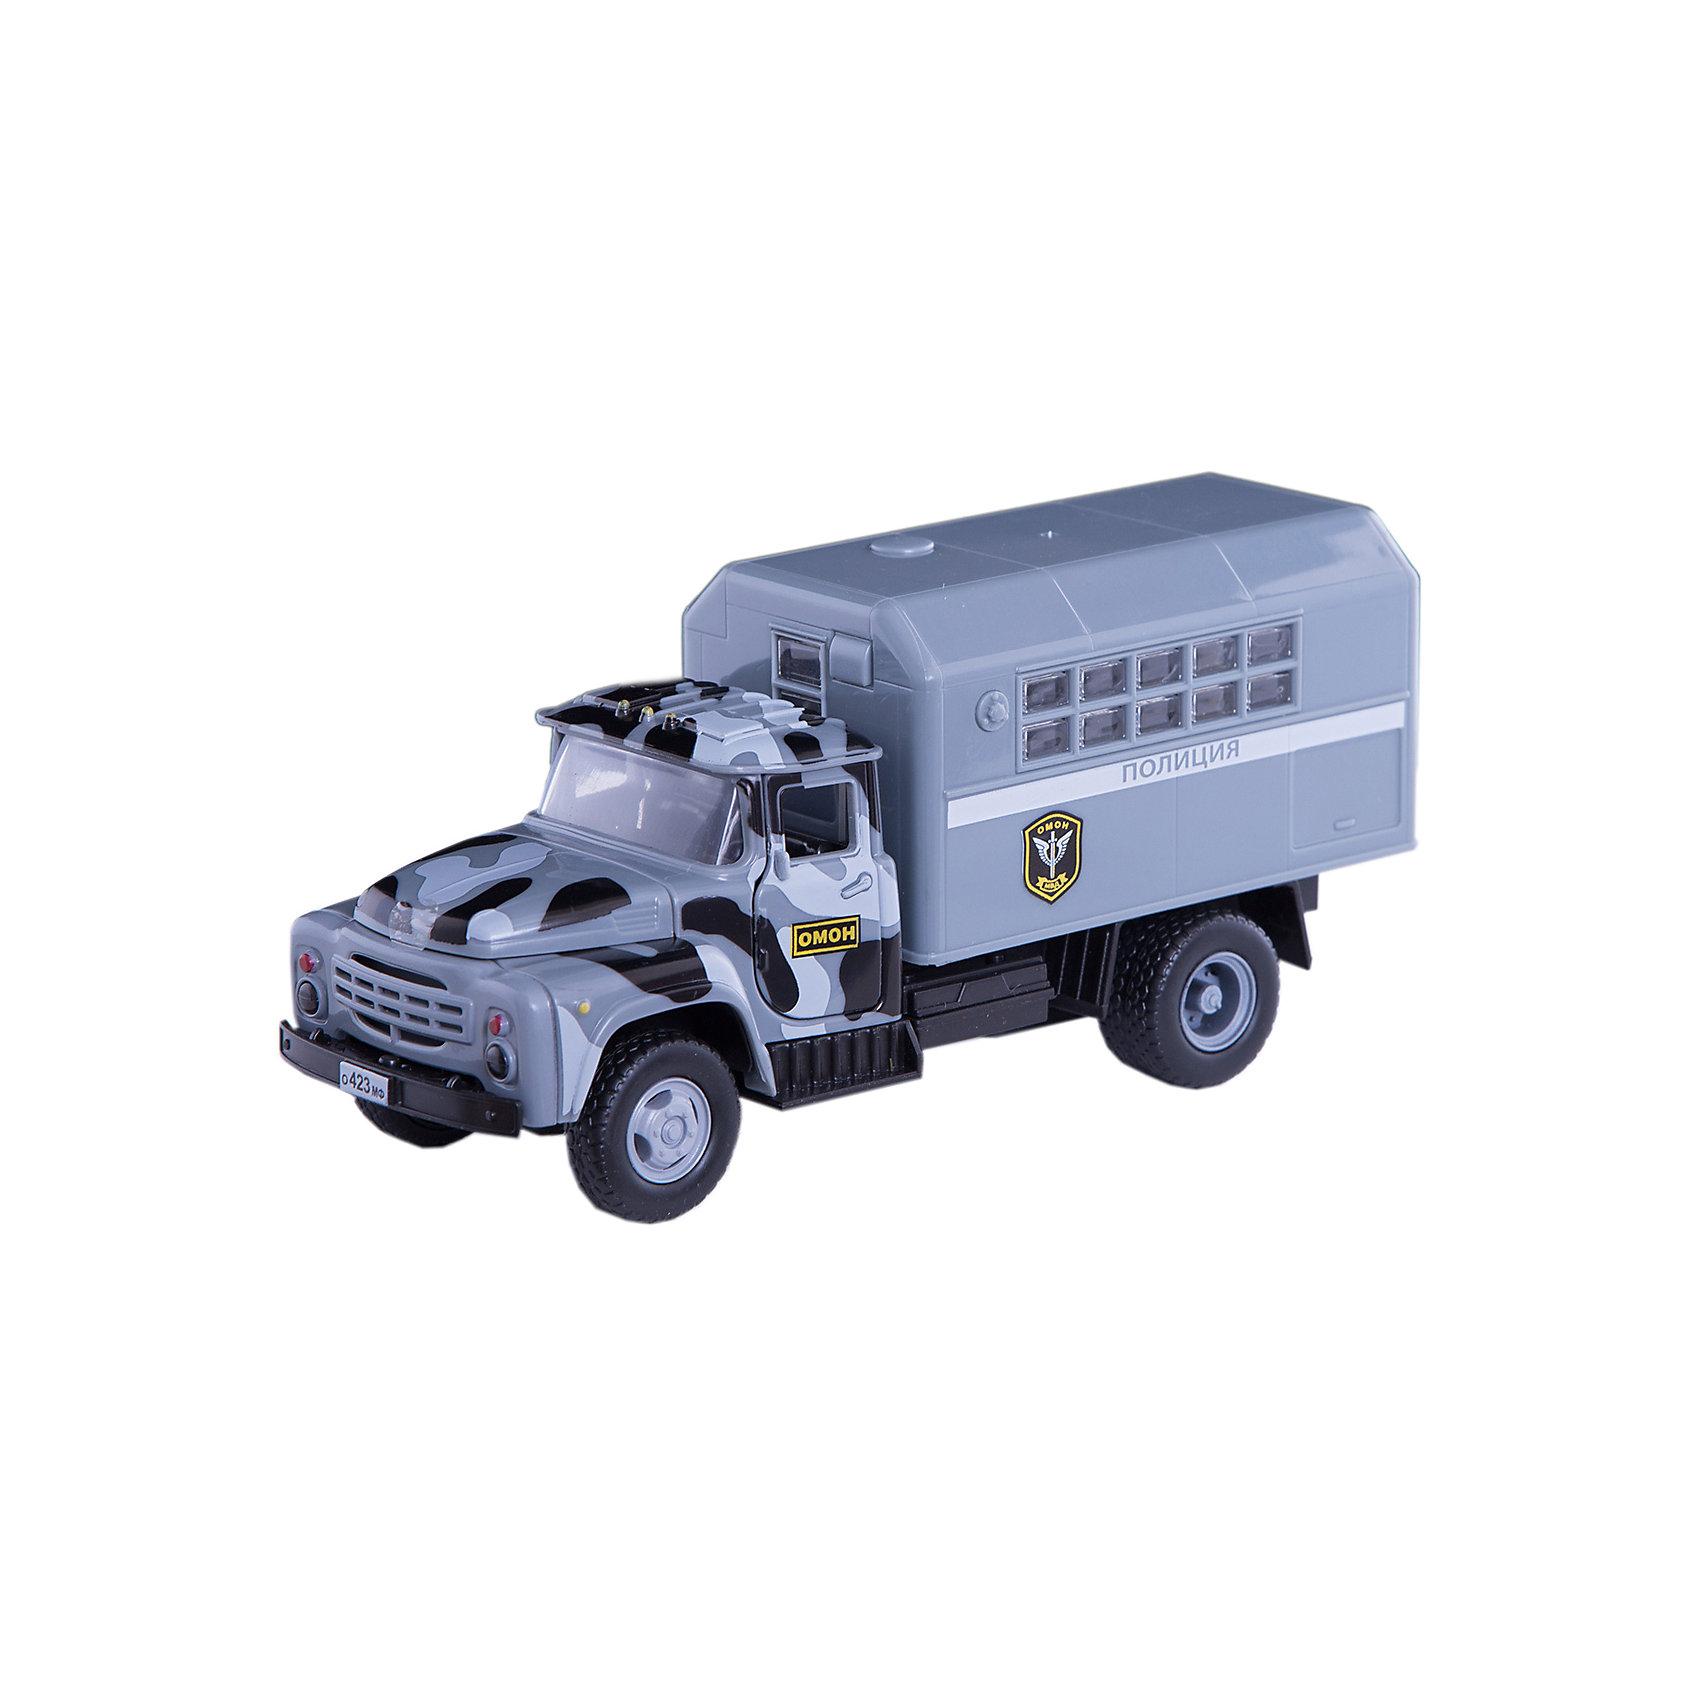 ТЕХНОПАРК Машина Зил 130: Полиция ОМОН, 20см, инерционная, со звуком и светом, Технопарк игрушка технопарк зил 130 бензовоз x600 h09131 r